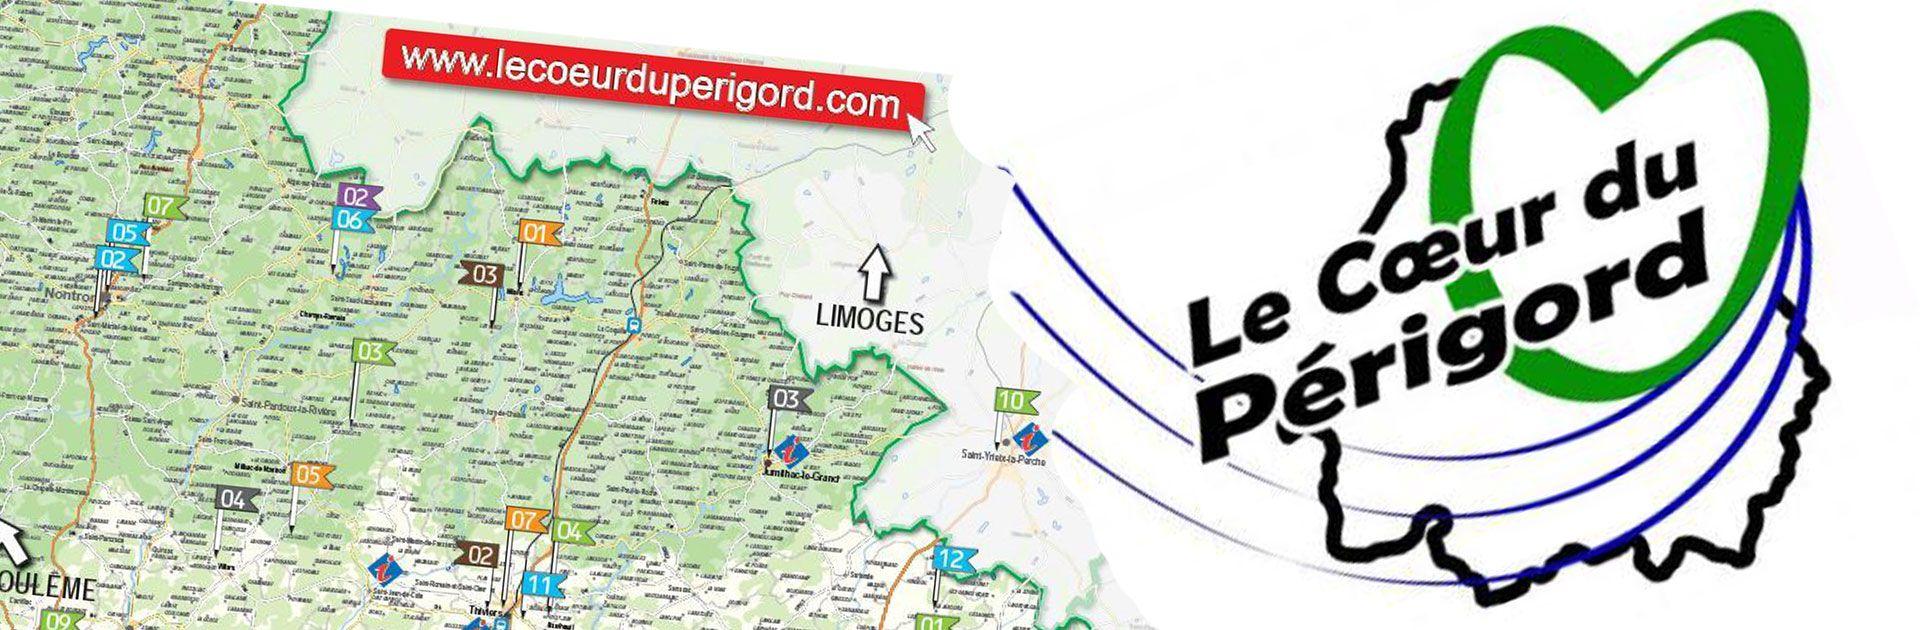 Cœur du Périgord sites Dordogne